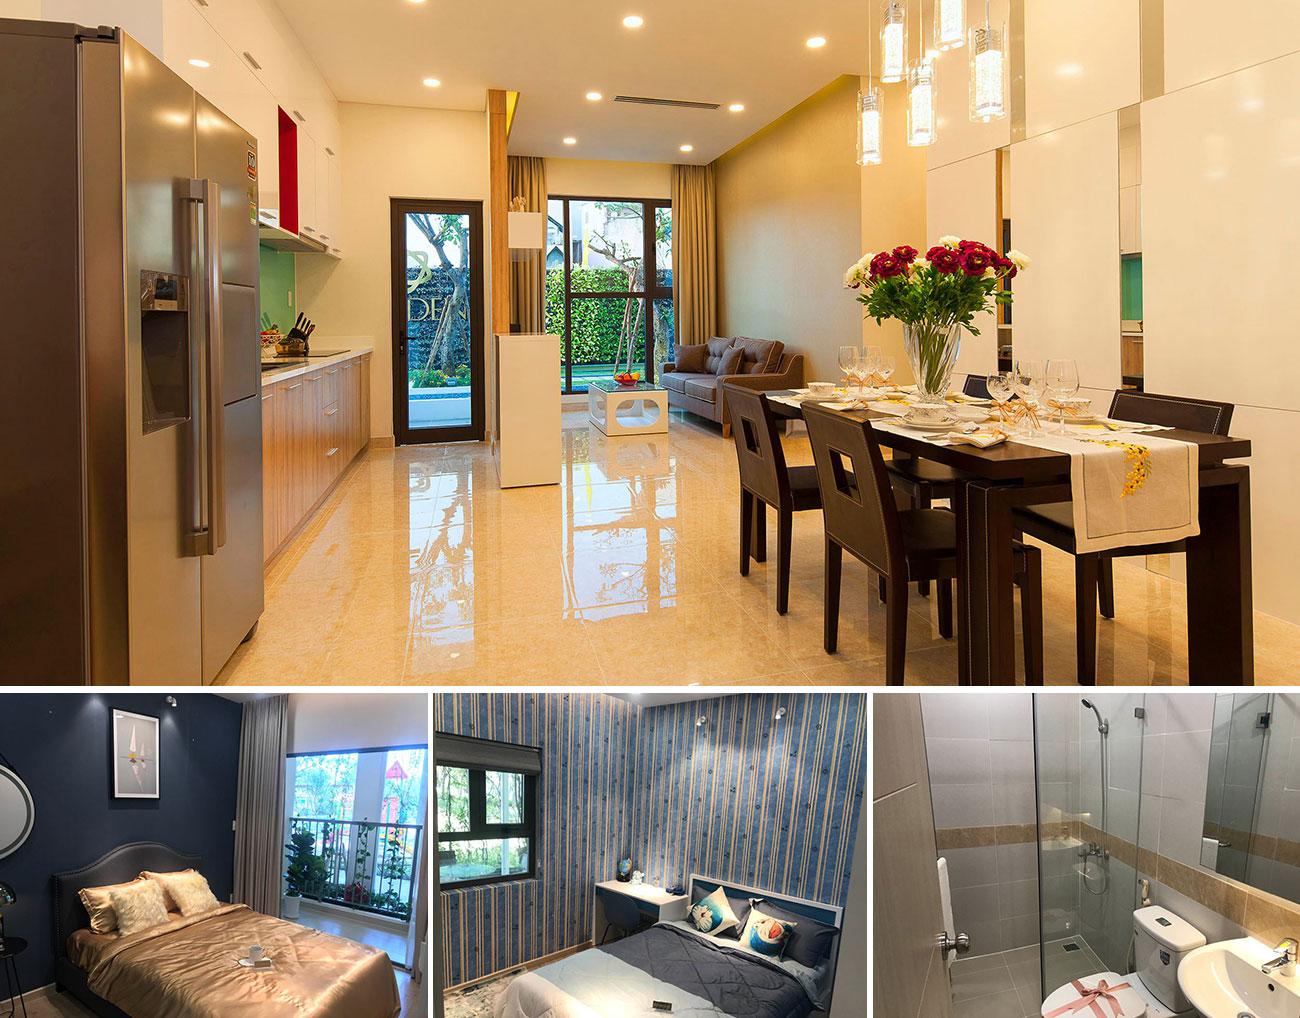 Nhà mẫu dự án căn hộ chung cư Eco Xuân Thuận An Bình Dương